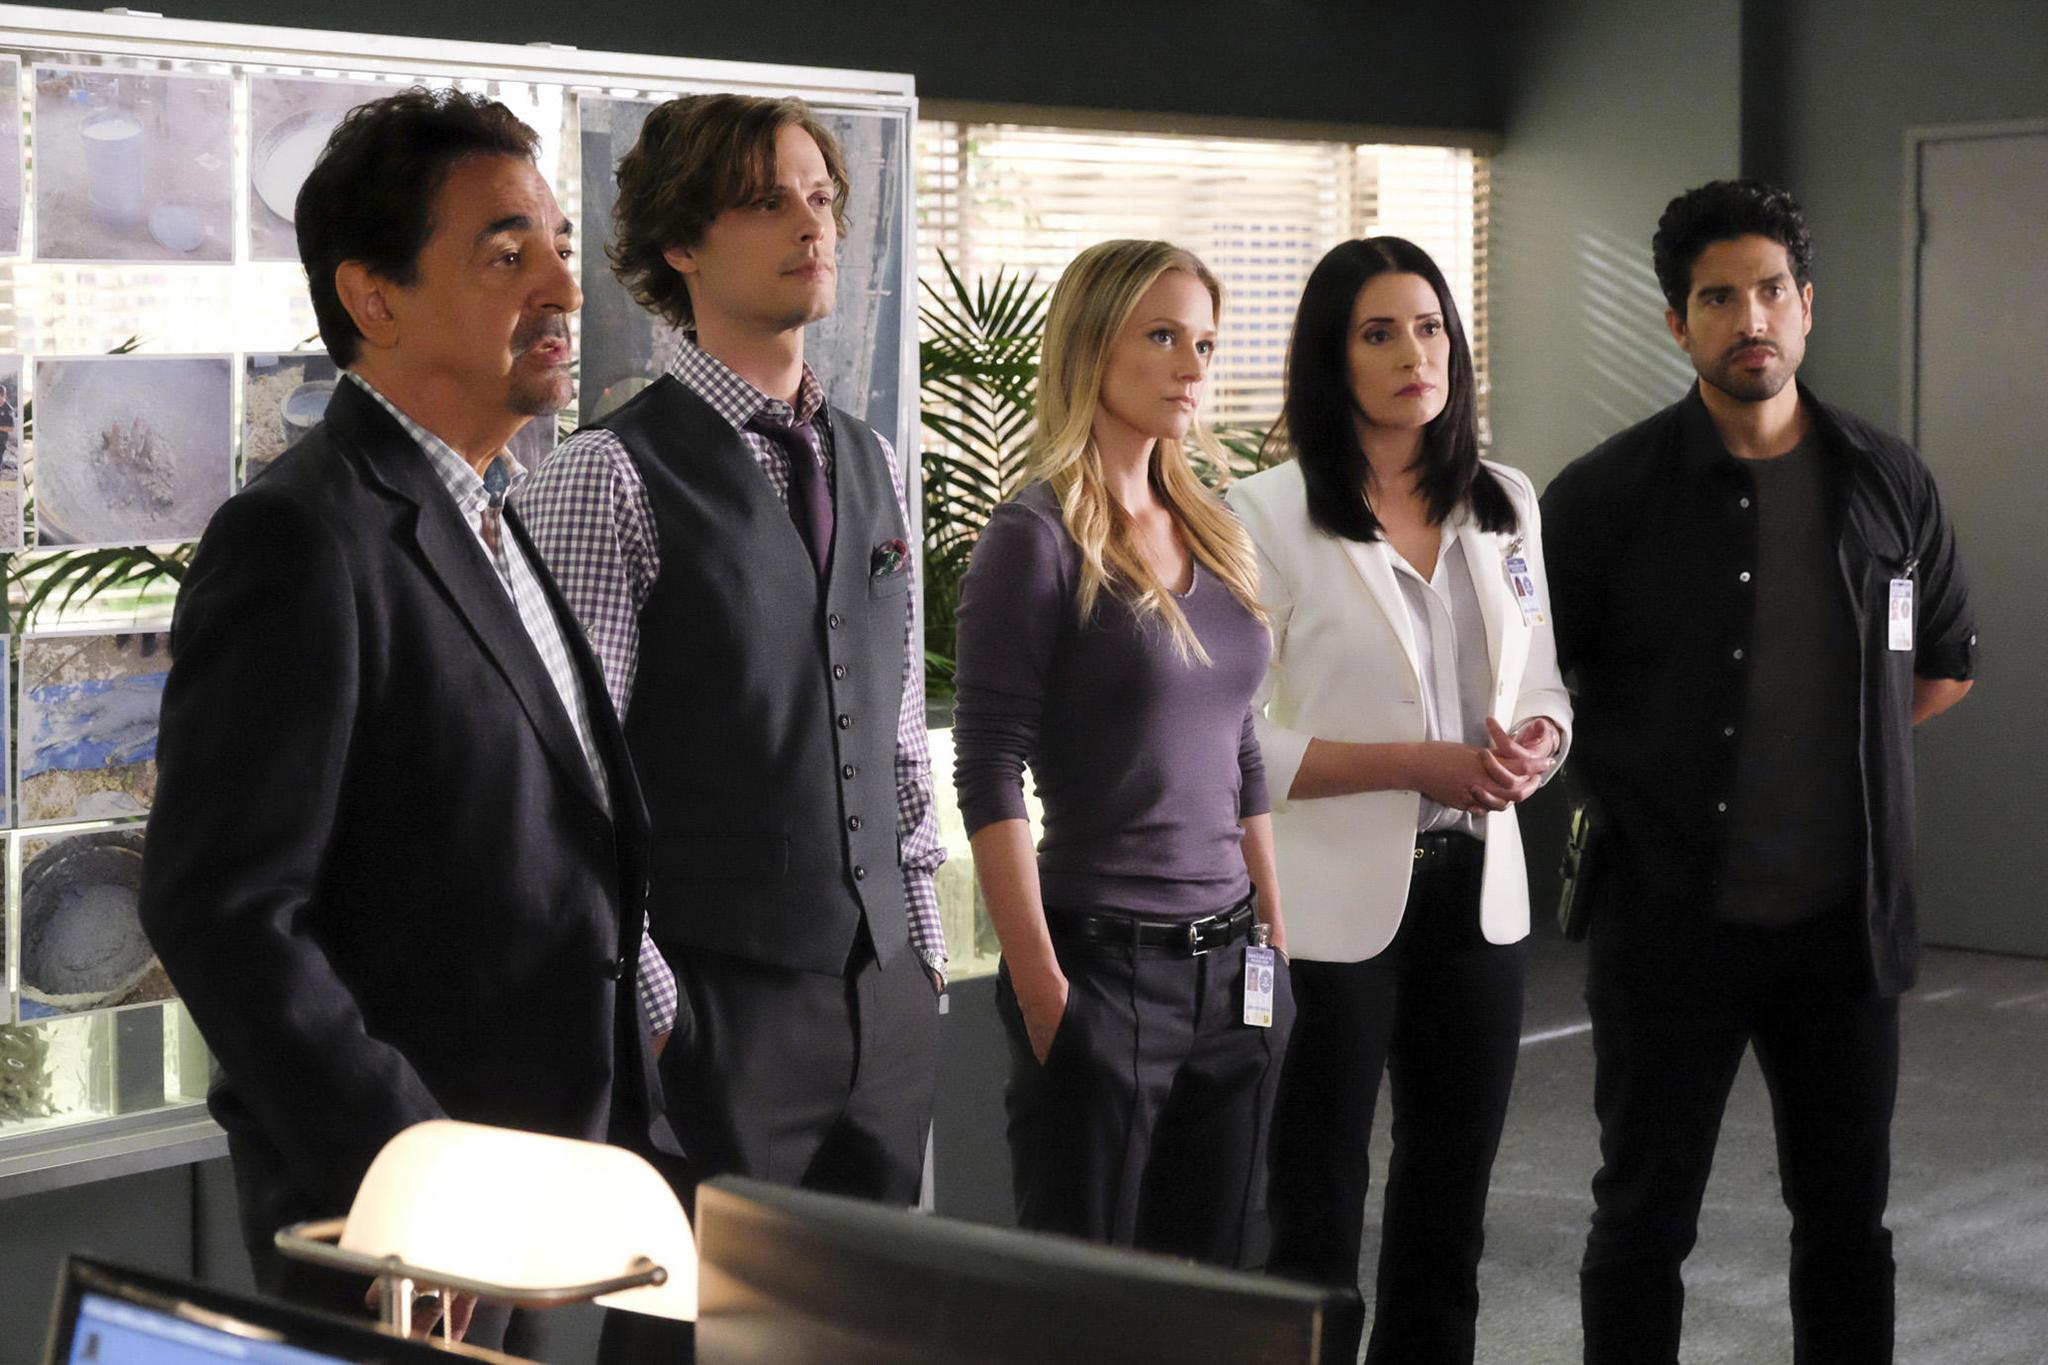 El reparto de la serie 'Mentes criminales', liderado por el actor Joe...